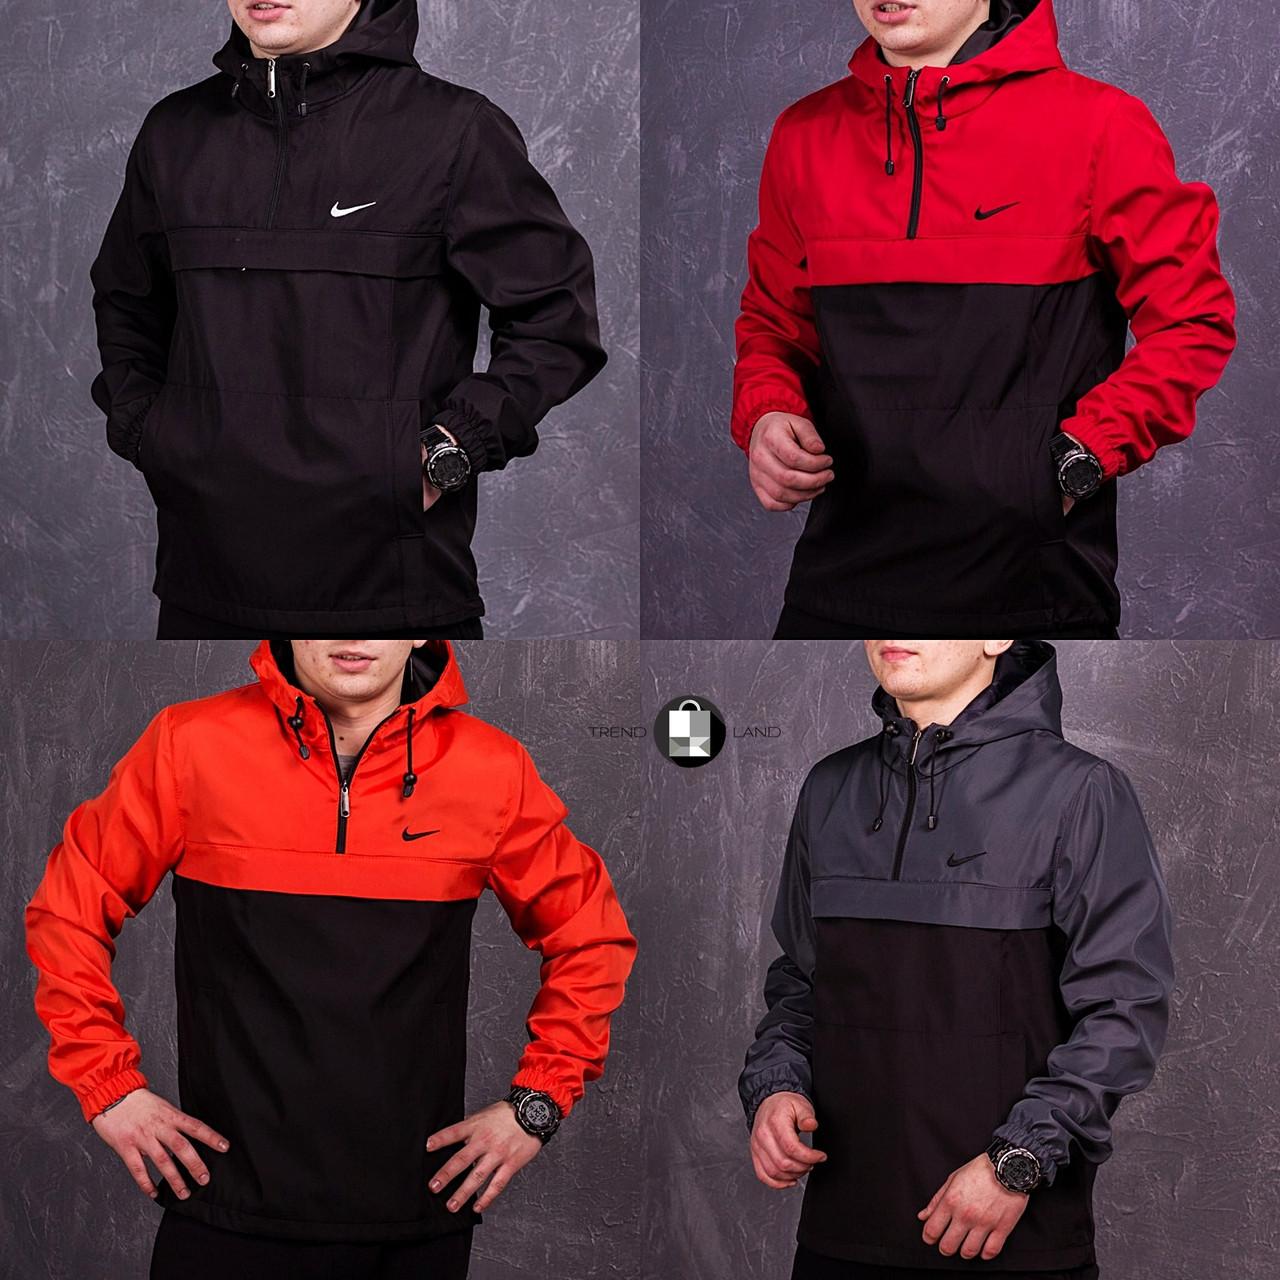 Размеры S-3XL | Чоловіча куртка анорак Nike 5 кольорів